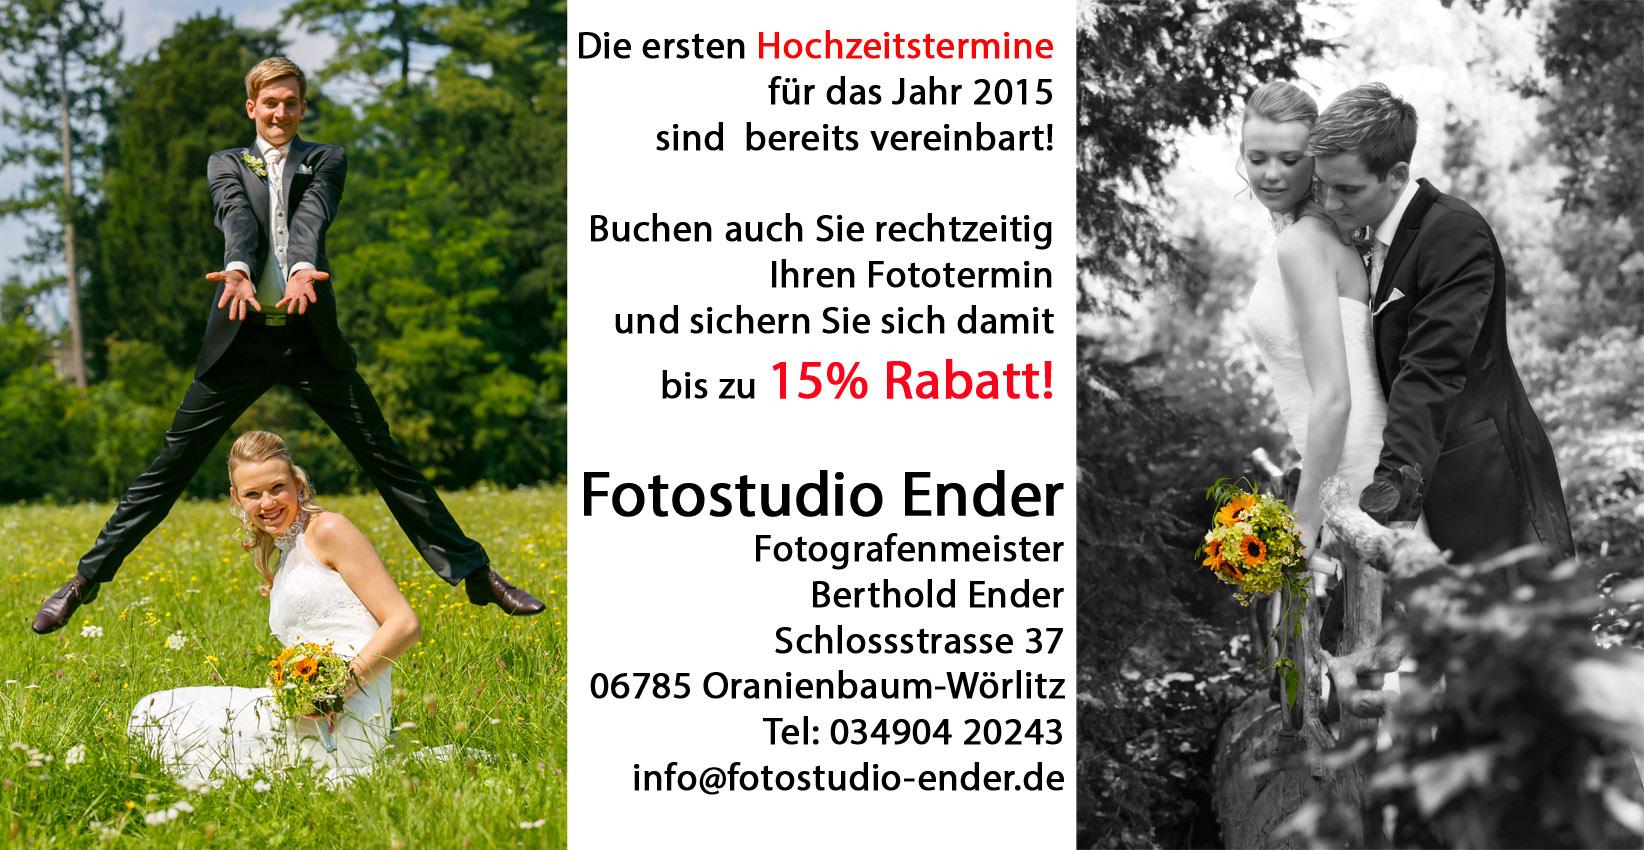 Frühbucherrabatt bei Hochzeitsaufnahmen Fotostudio Ender Oranienbaum-Wörlitz